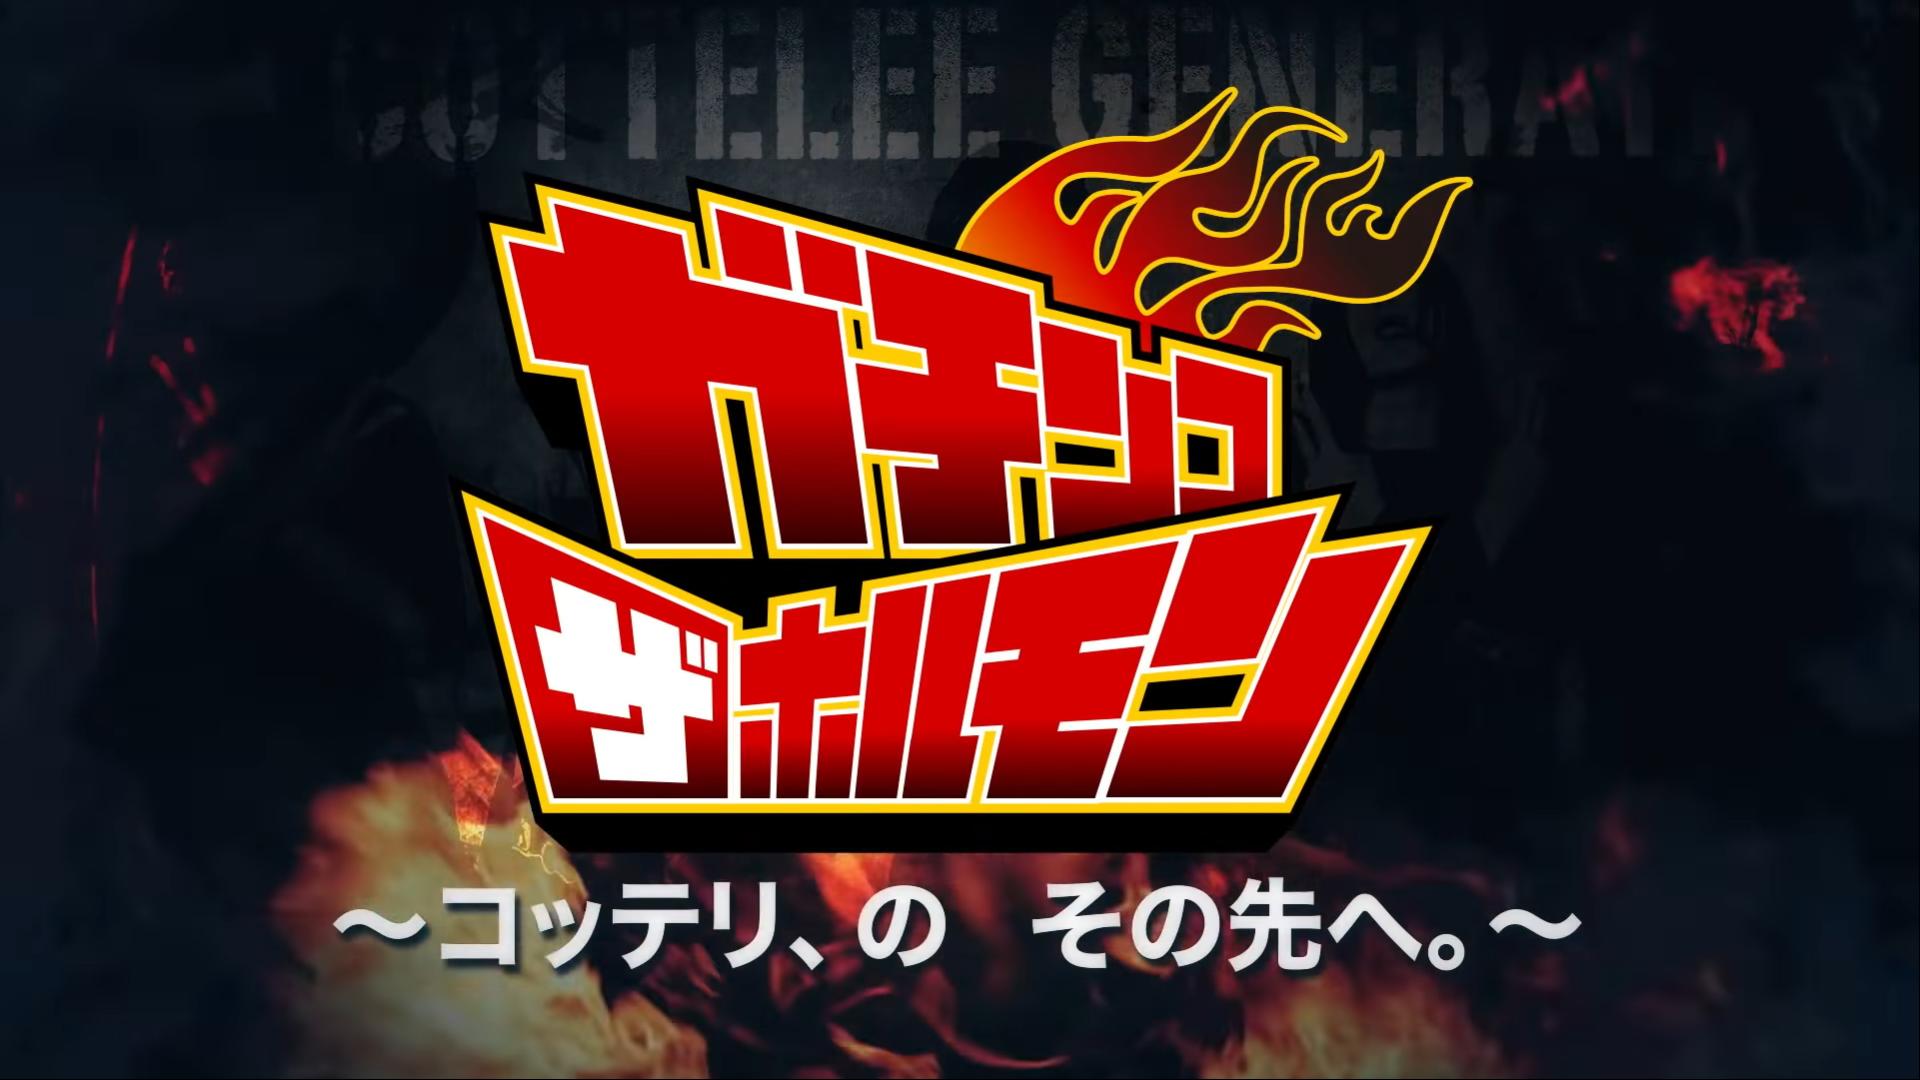 マキシマム・ザ・ホルモンの曲を奥田民生や桜井和寿が歌う動画。【ガチのやつ】